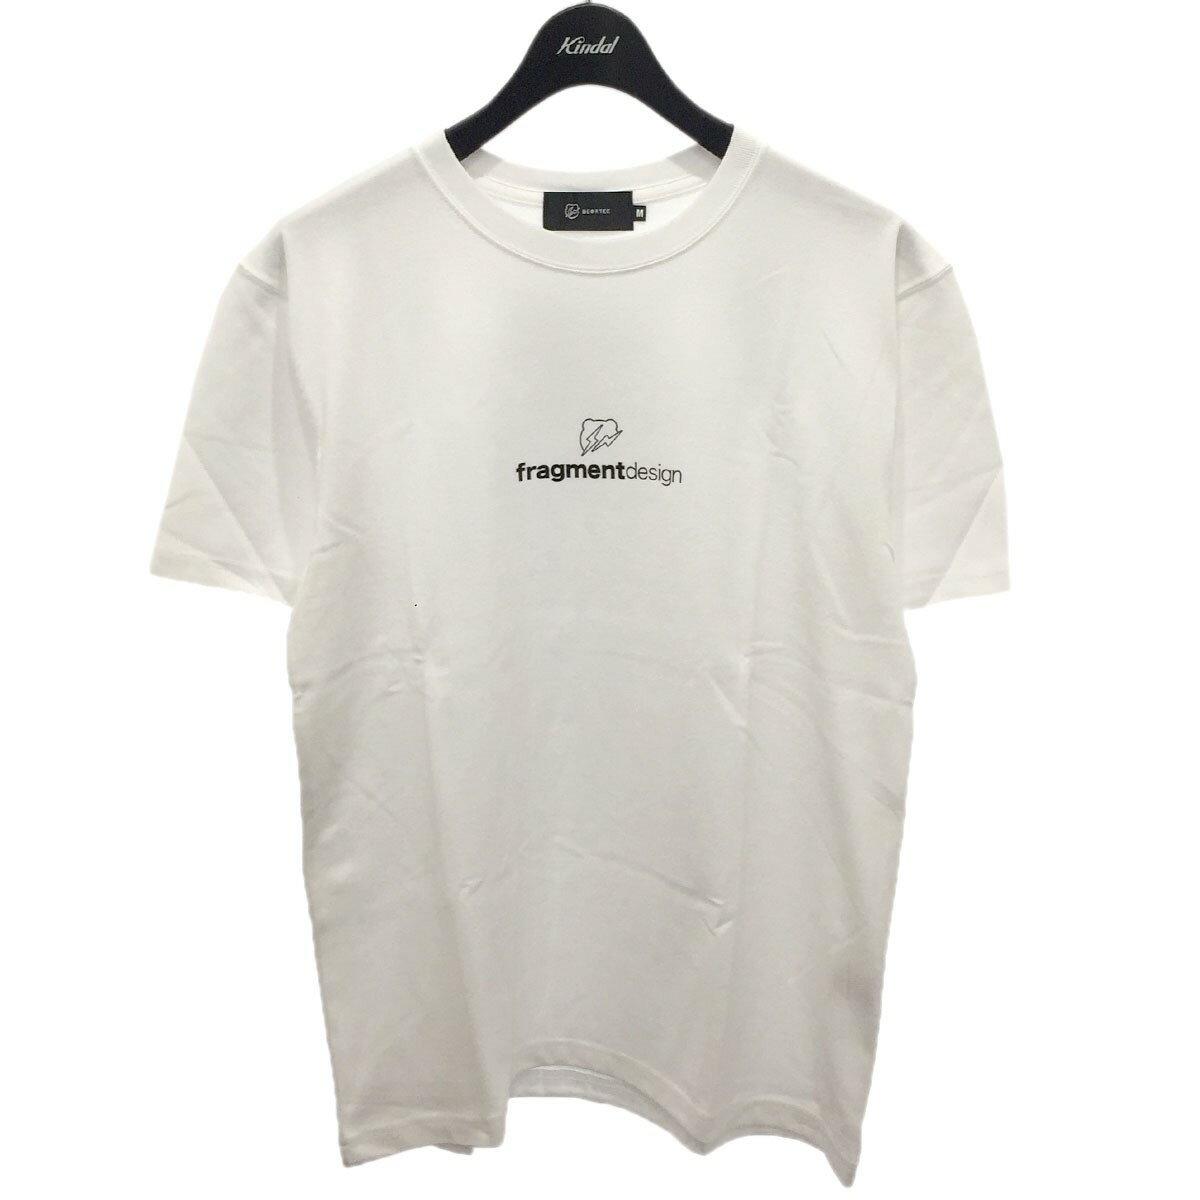 トップス, Tシャツ・カットソー FRAGMENT DESIGN BEARBRICK MEDICOM TOY EXHIBITION 2020 IN VIRTUAL T M 260821